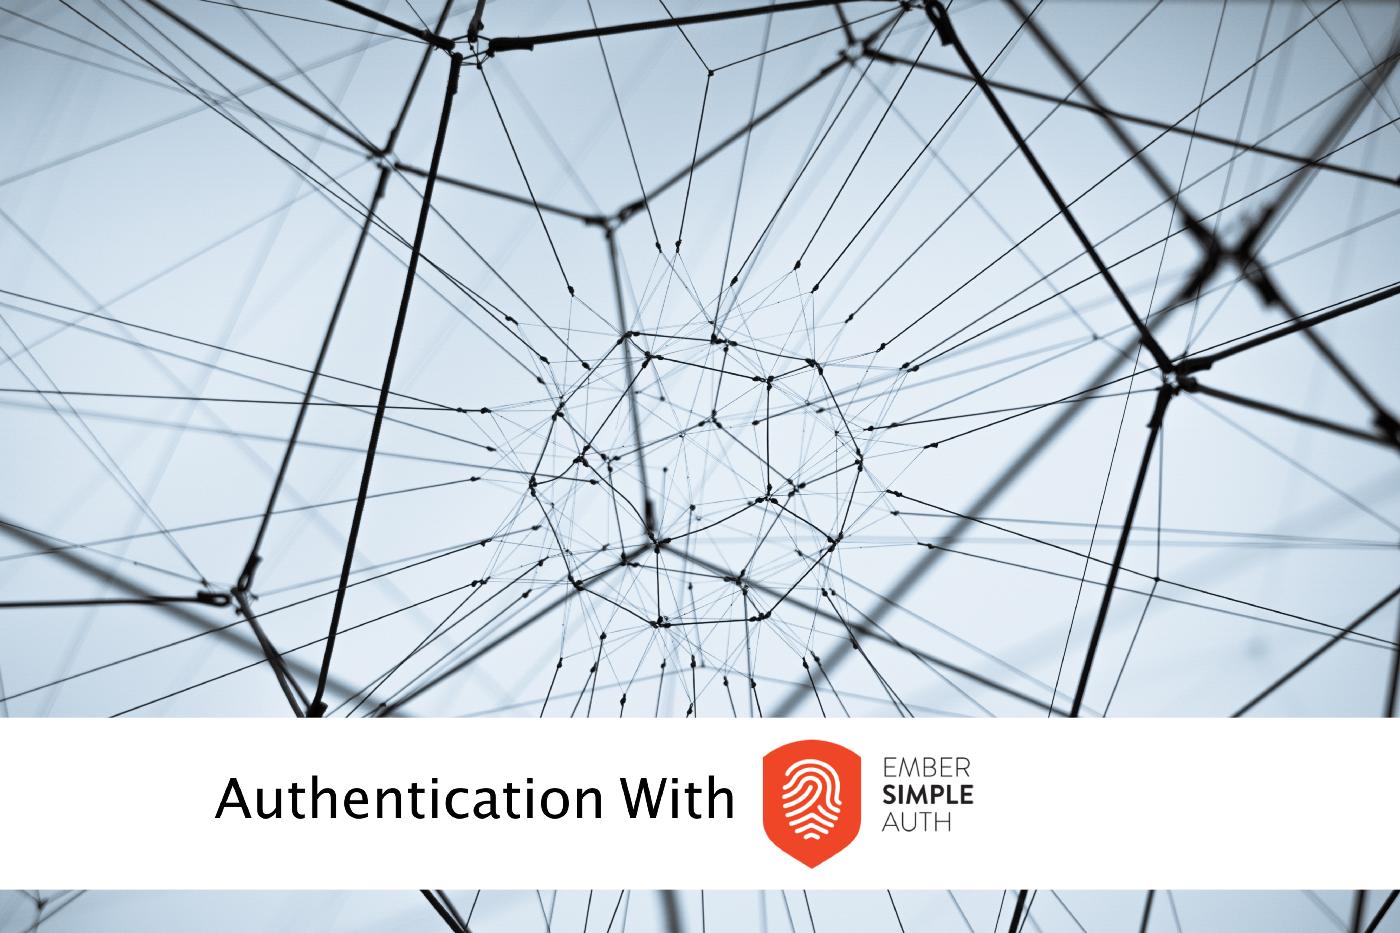 [Перевод] Аутентификация и авторизация в Ember, часть 1: библиотека ember simple auth